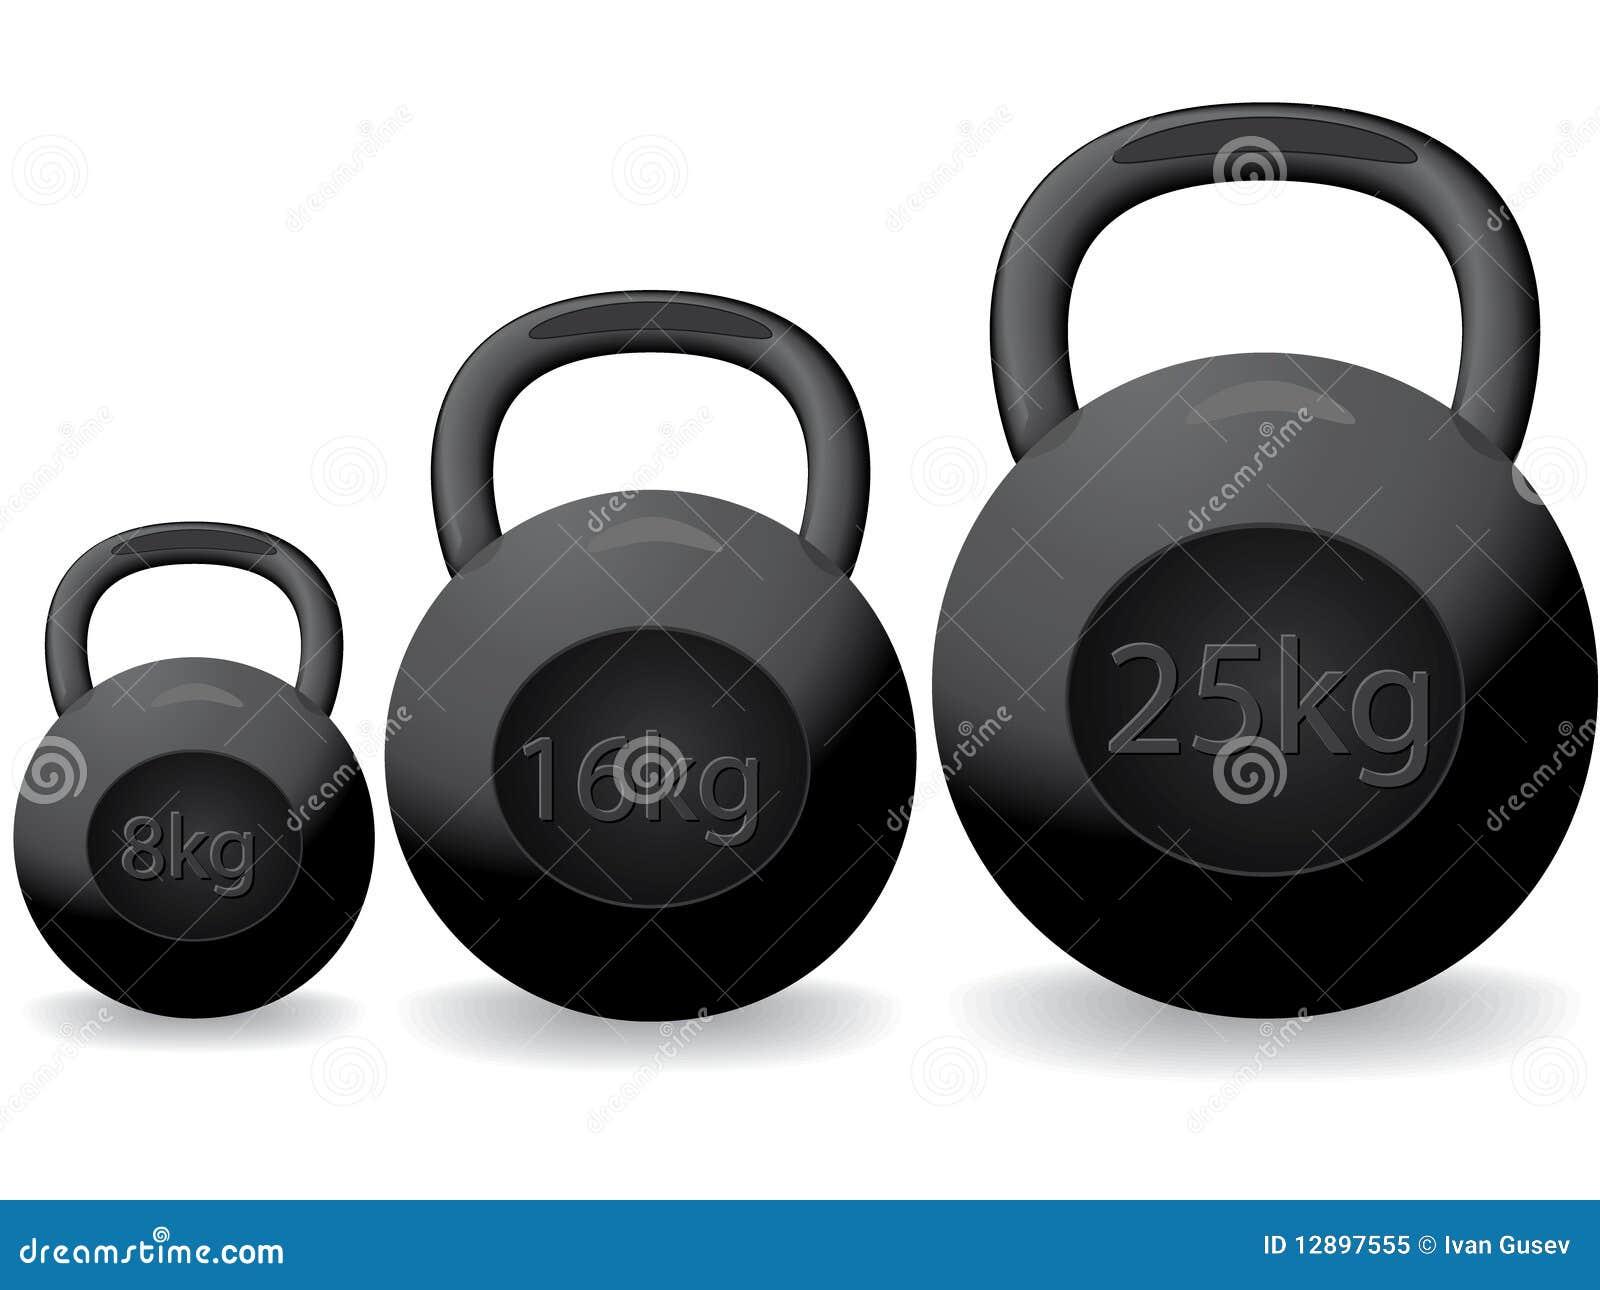 Schwere Gewichte Lizenzfreies Stockfoto - Bild: 12897555